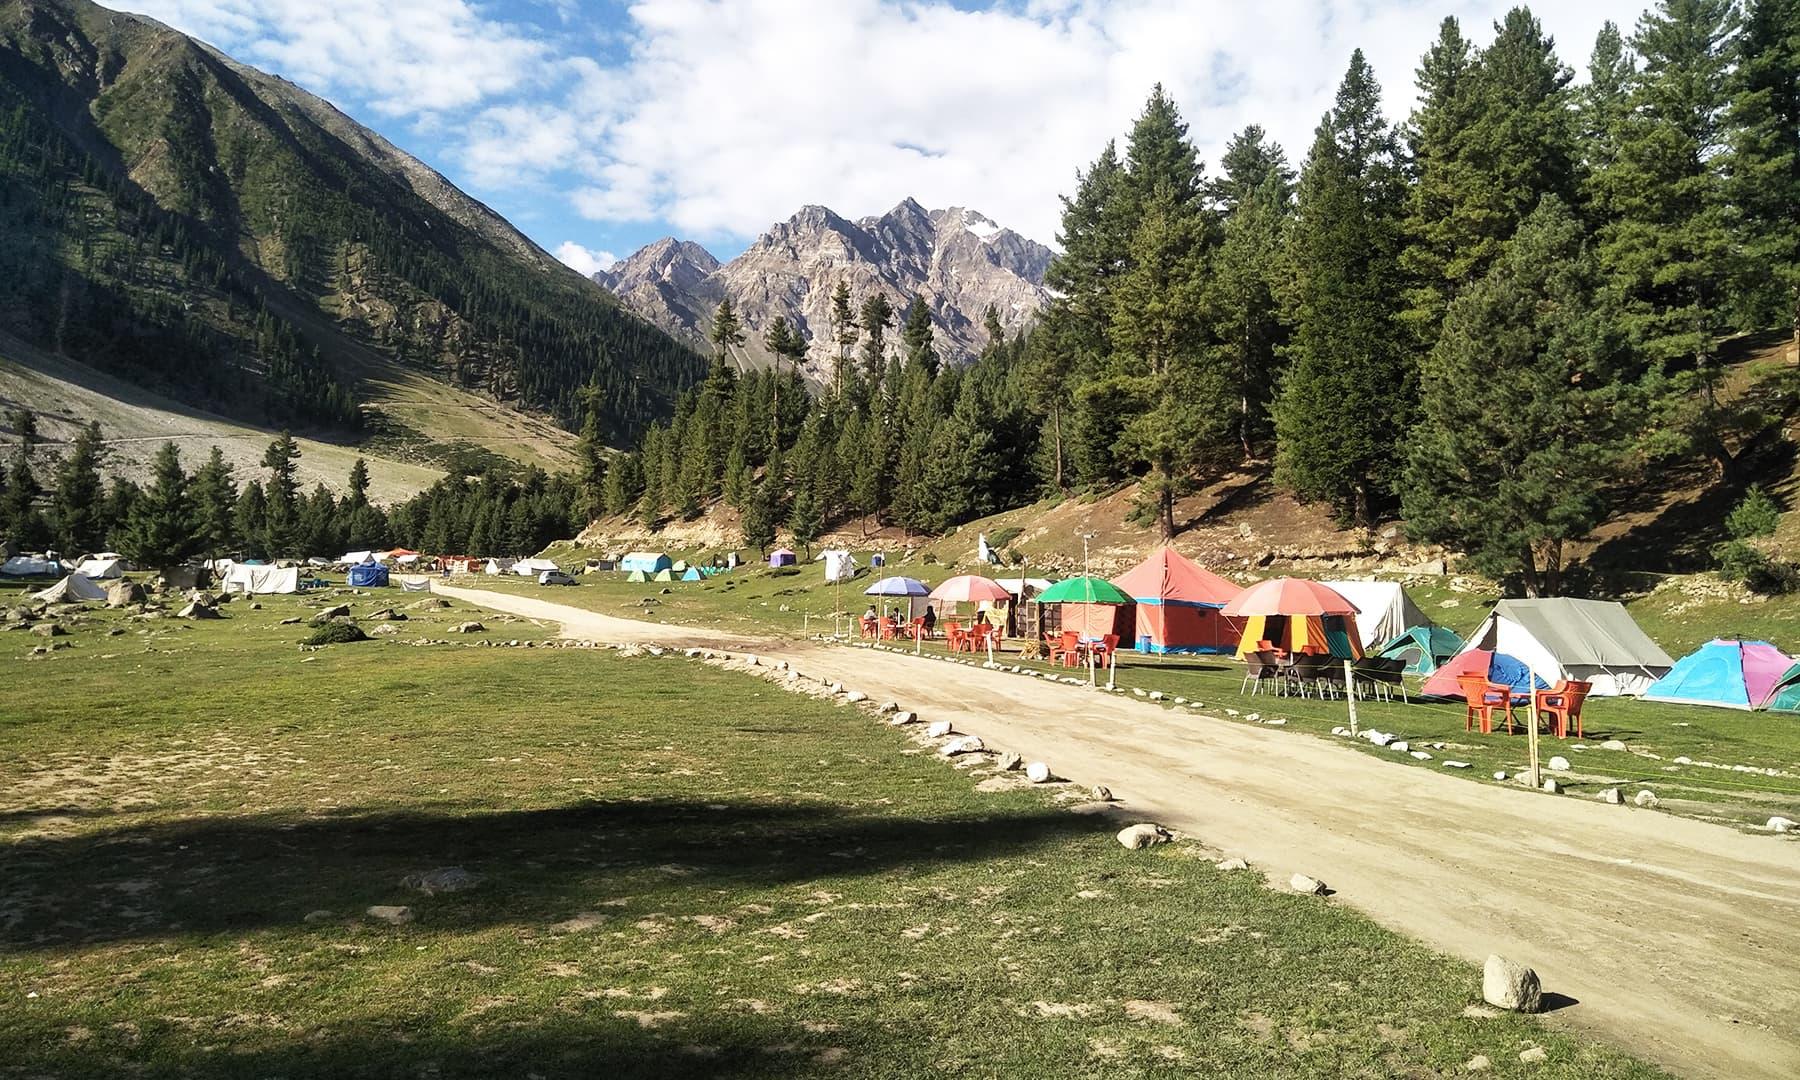 راما میڈوز میں سیاحوں کی رہائش کے لیے لگائے گئے کیمپس کا ایک منظر—تصویر عظمت اکبر